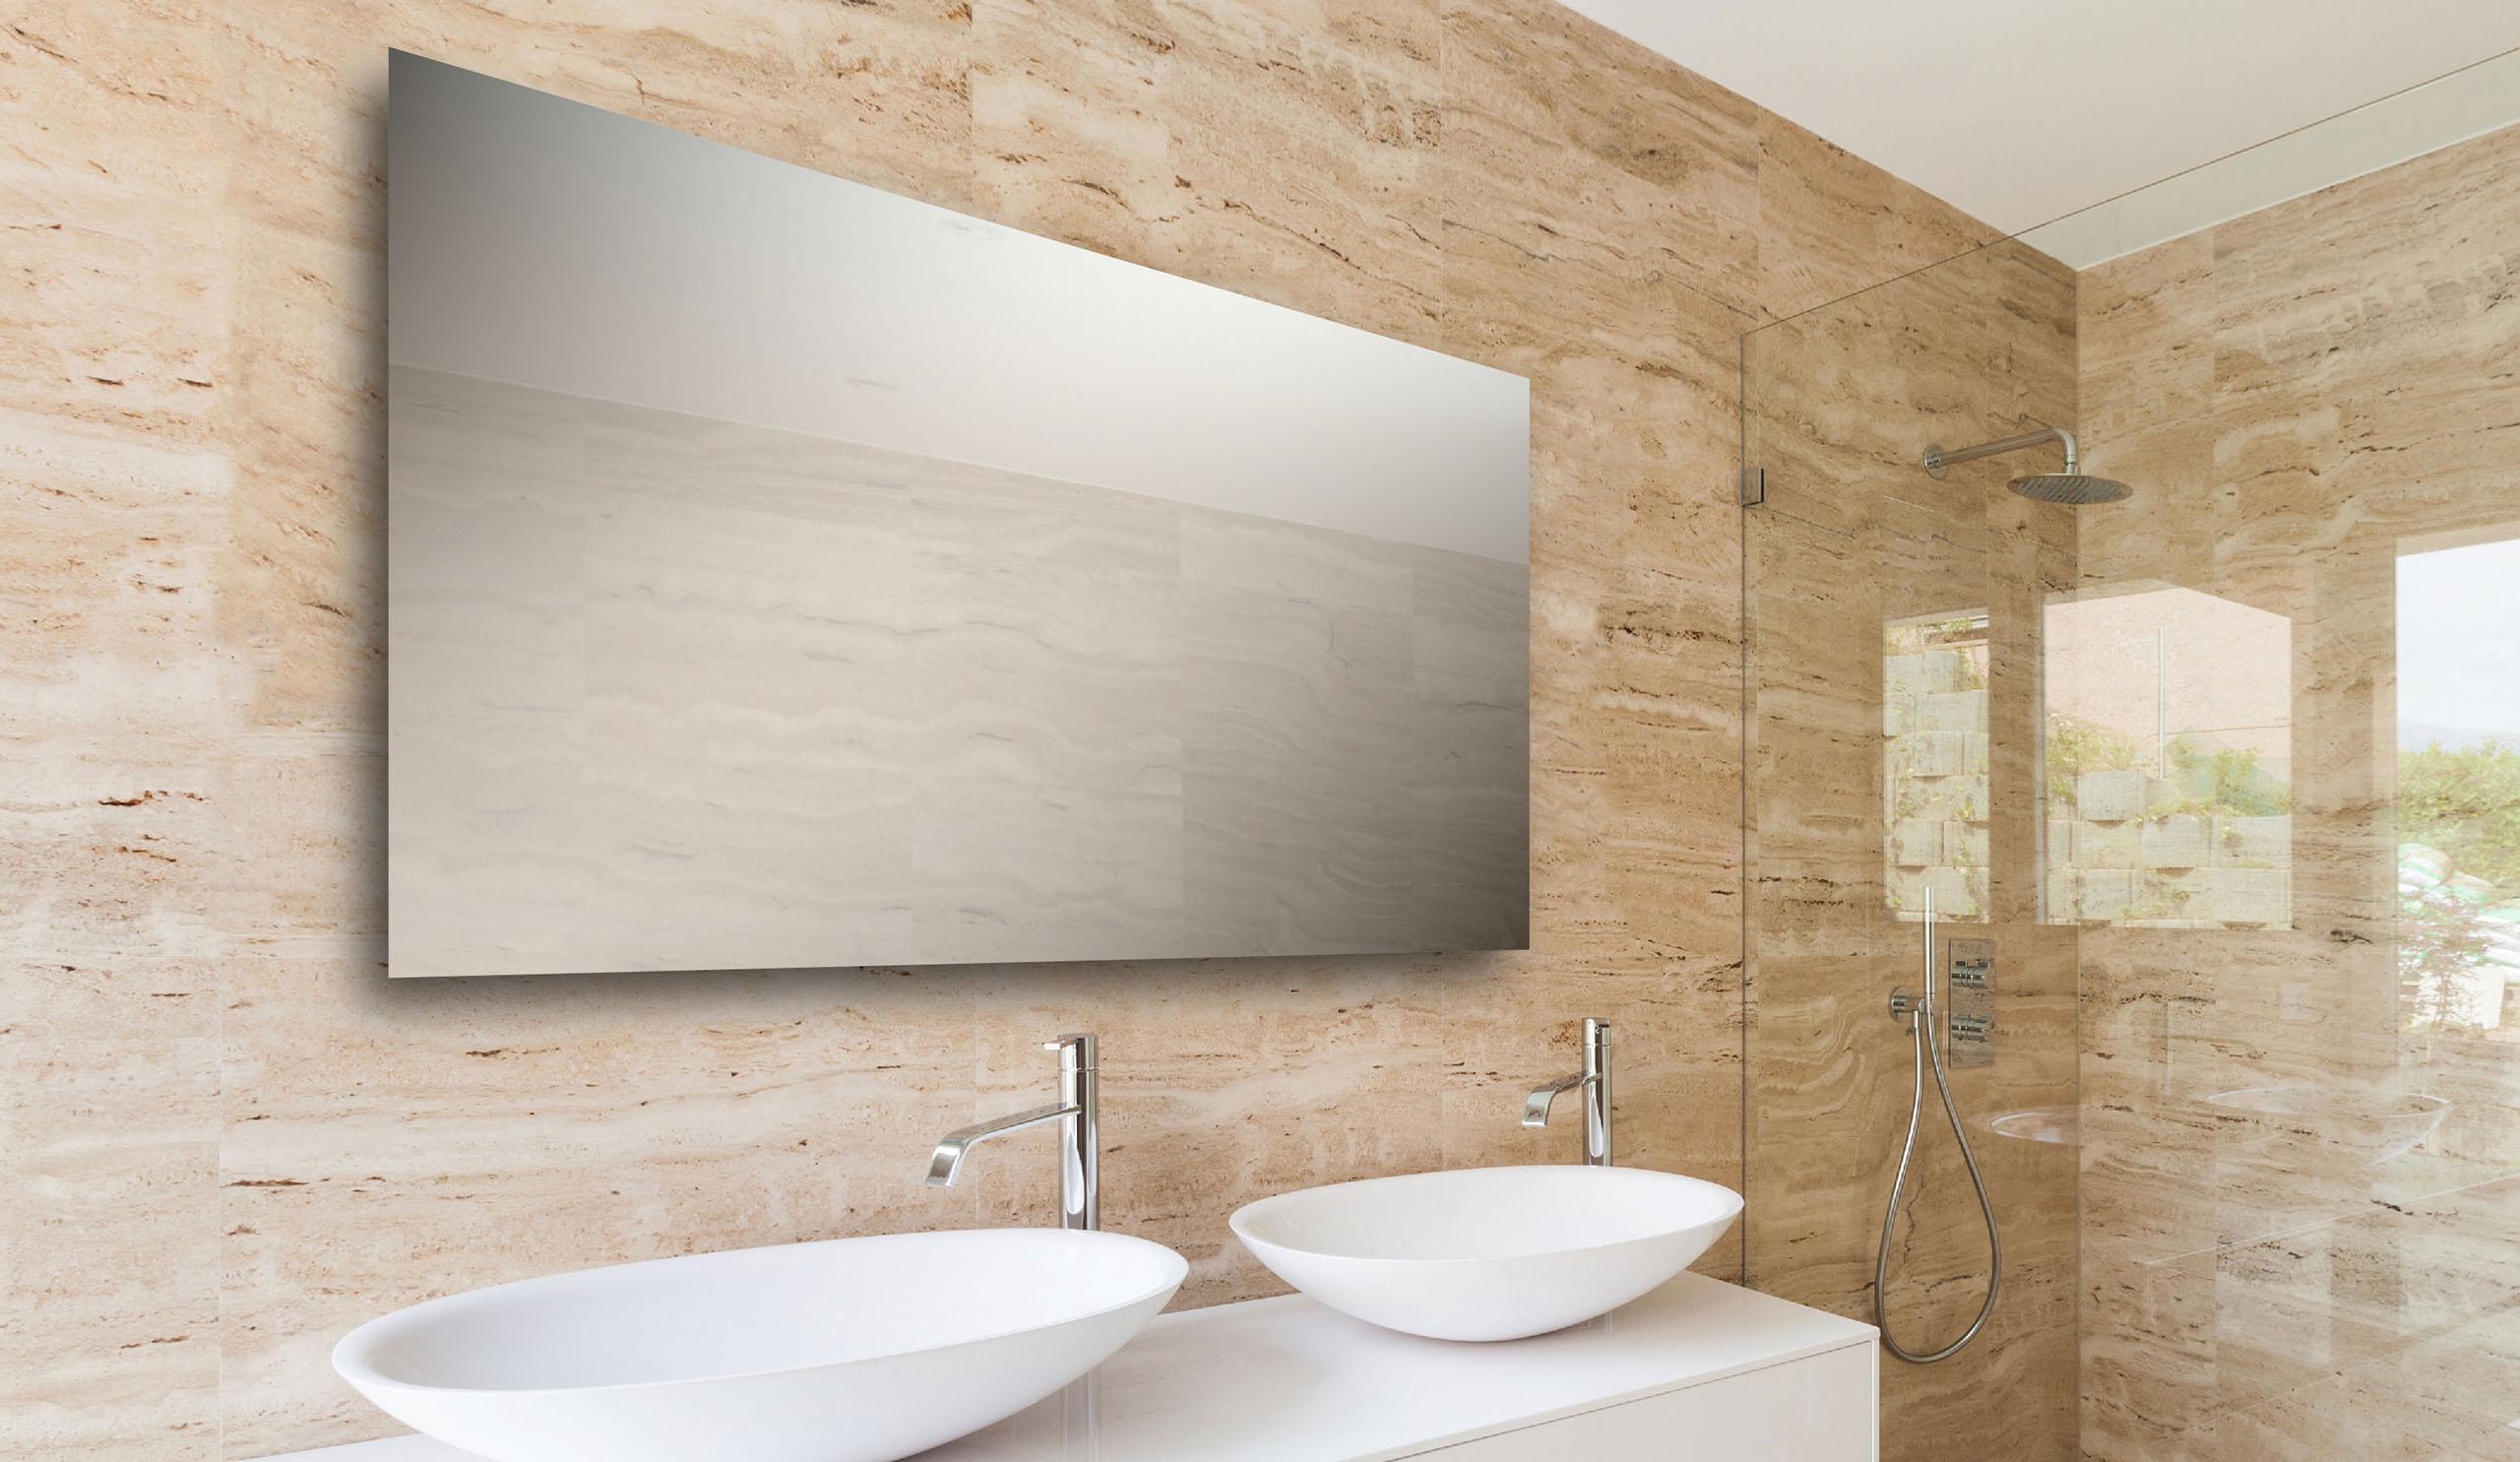 Led Lamp Badkamer : Badkamer lamp spiegel hele mooie stijl alleen spiegel niet